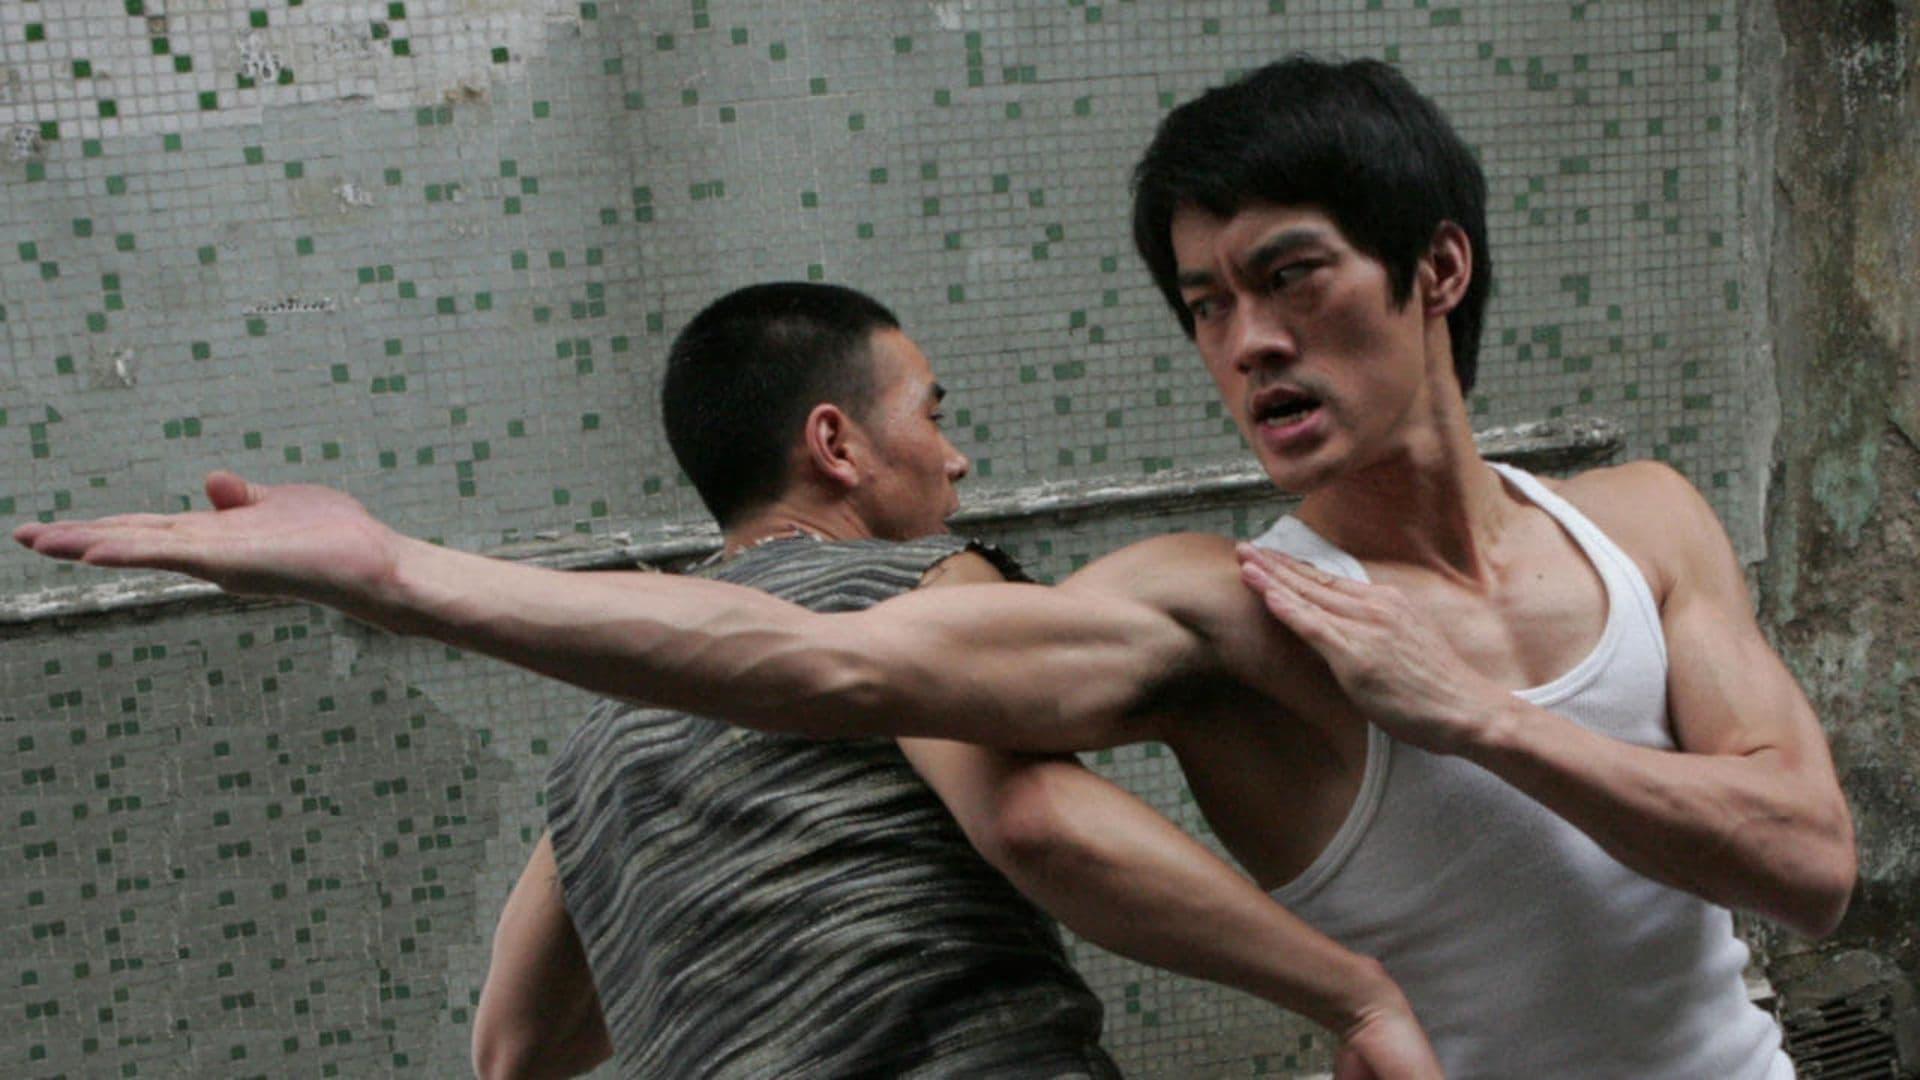 Xem Phim Huyền Thoại Lý Tiểu Long - The Legend of Bruce Lee Full Vietsub | Thuyết Minh HD Online